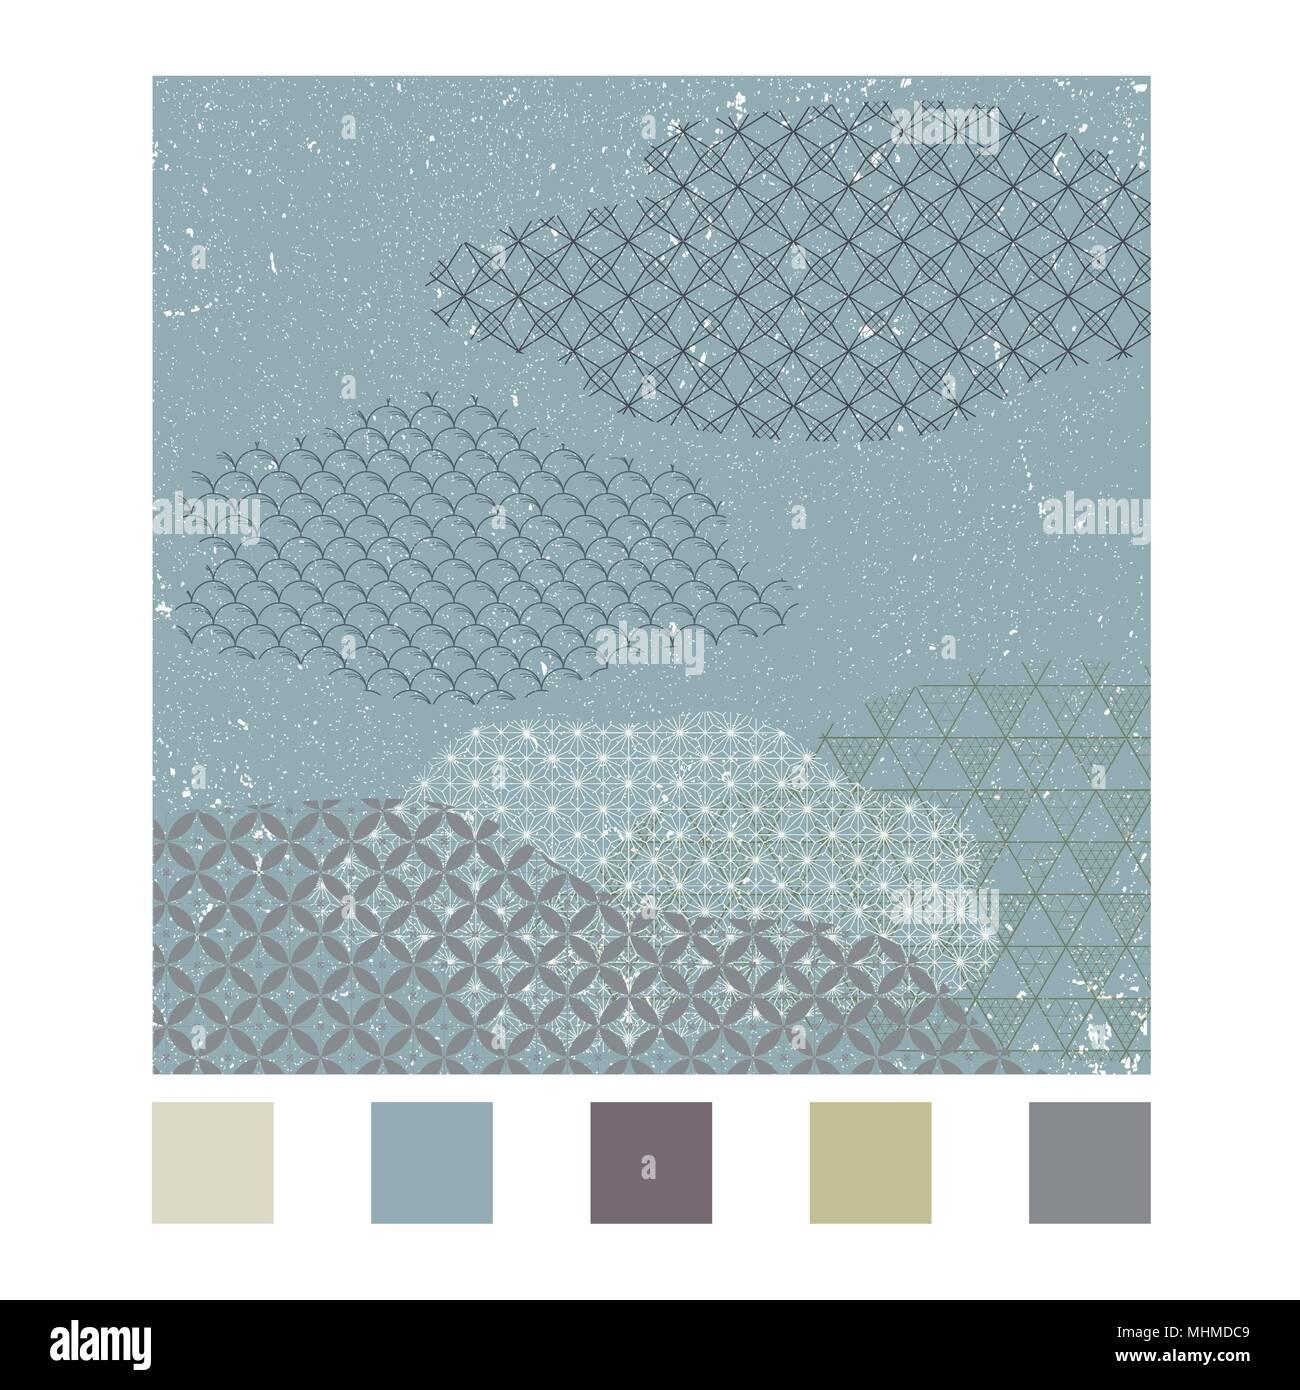 Japanische Muster Vektor Mit Geometrischen Hintergrund In Der Cloud